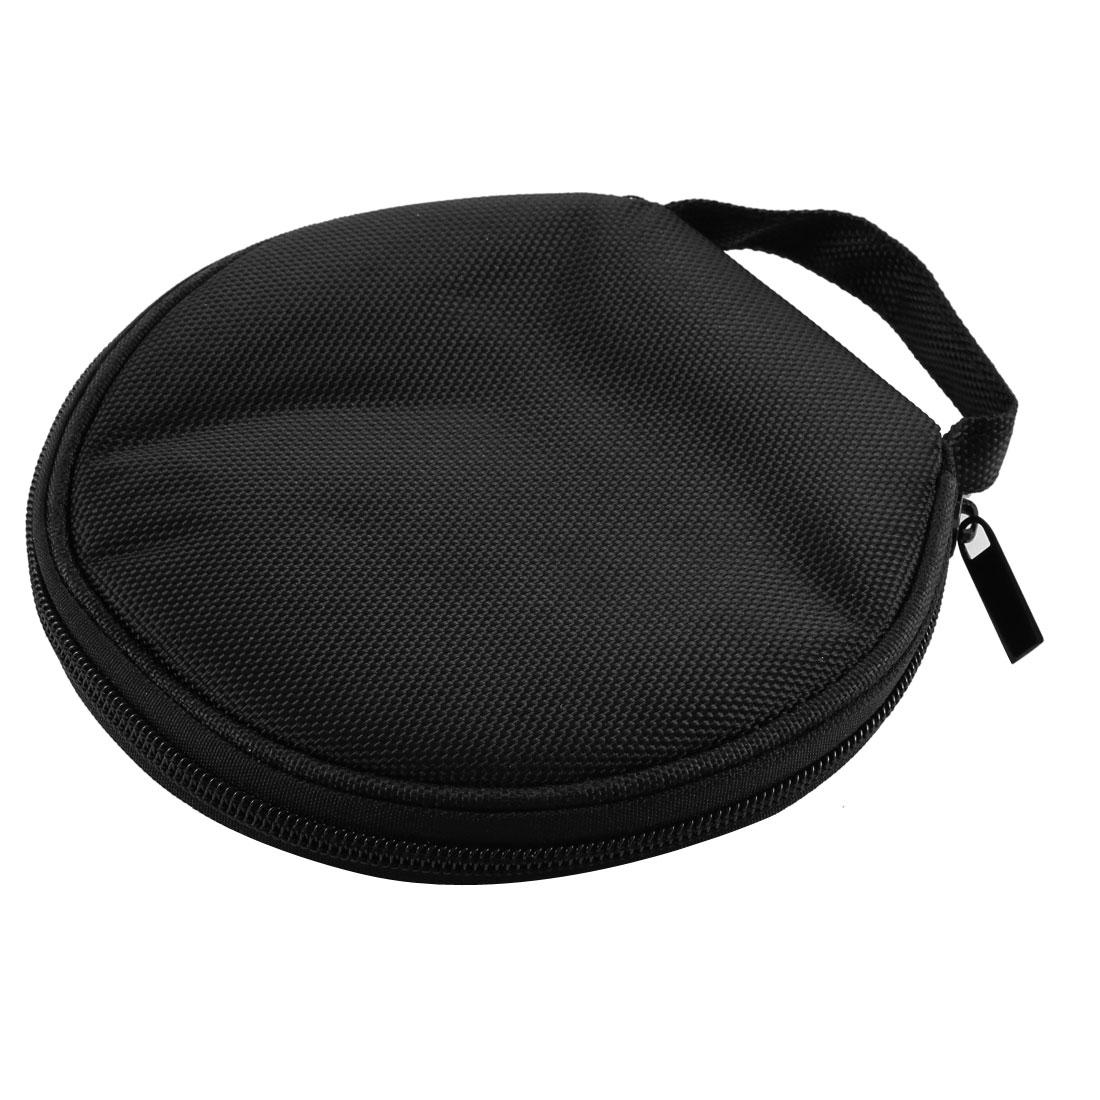 Zip Up CD DVD 20 Disc Storage Carry Case Wallet Disk Cover Holder Bag Black